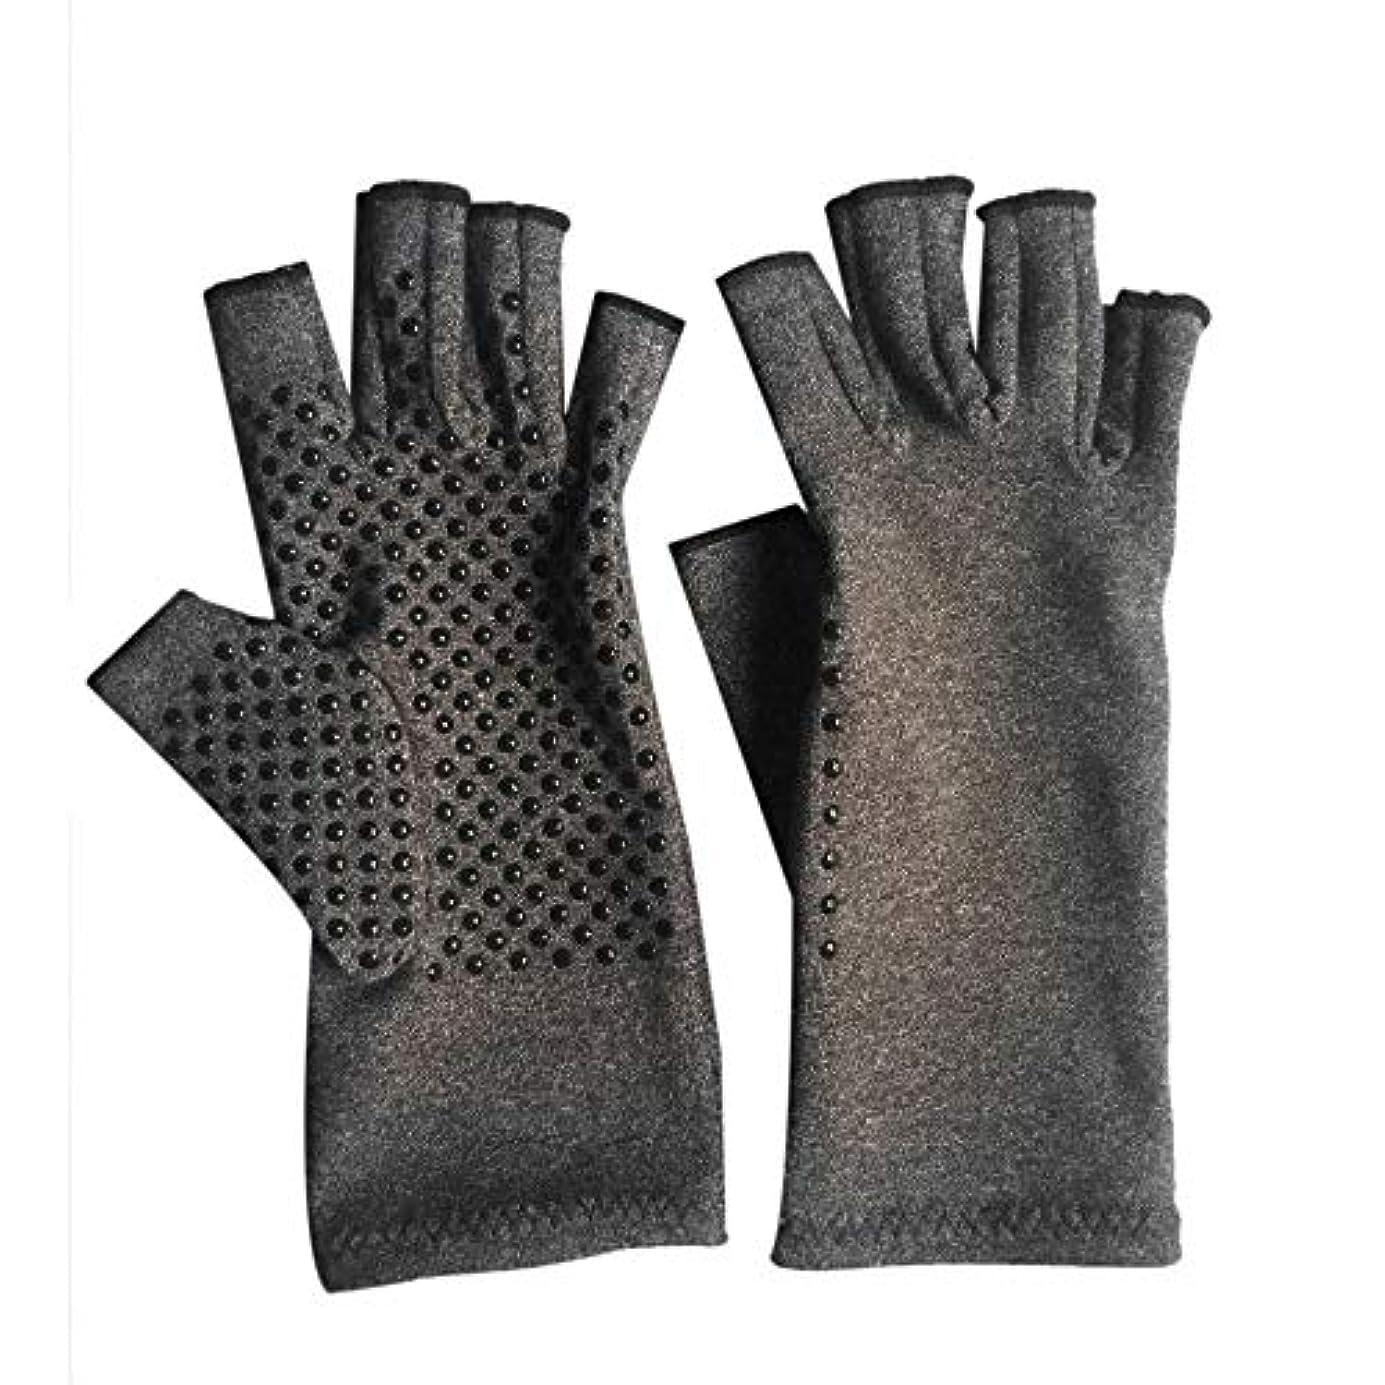 経歴かもしれない気付く1ペアユニセックス男性女性療法圧縮手袋関節炎関節痛緩和ヘルスケア半指手袋トレーニング手袋 - グレーM